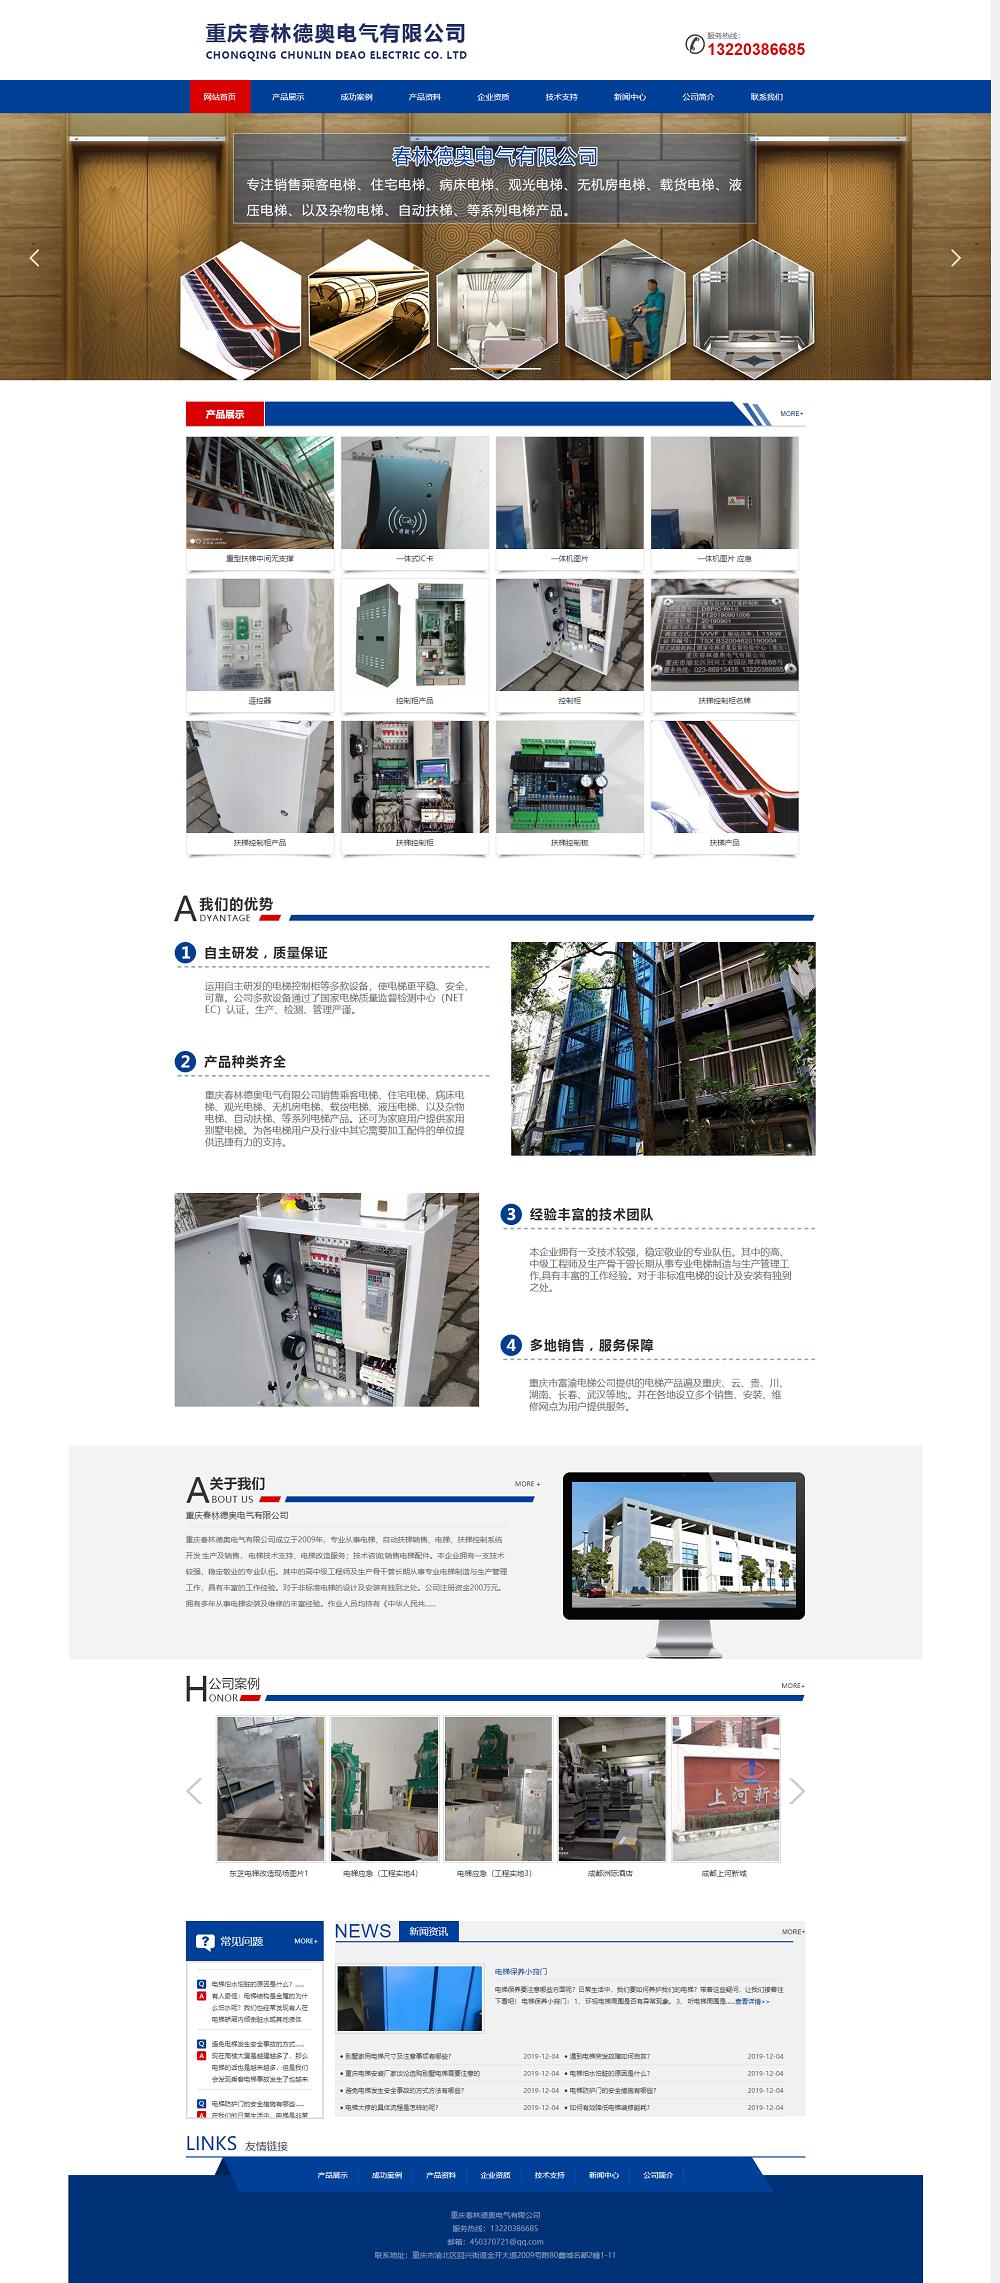 重庆春林德奥电气有限公司网站建设案例